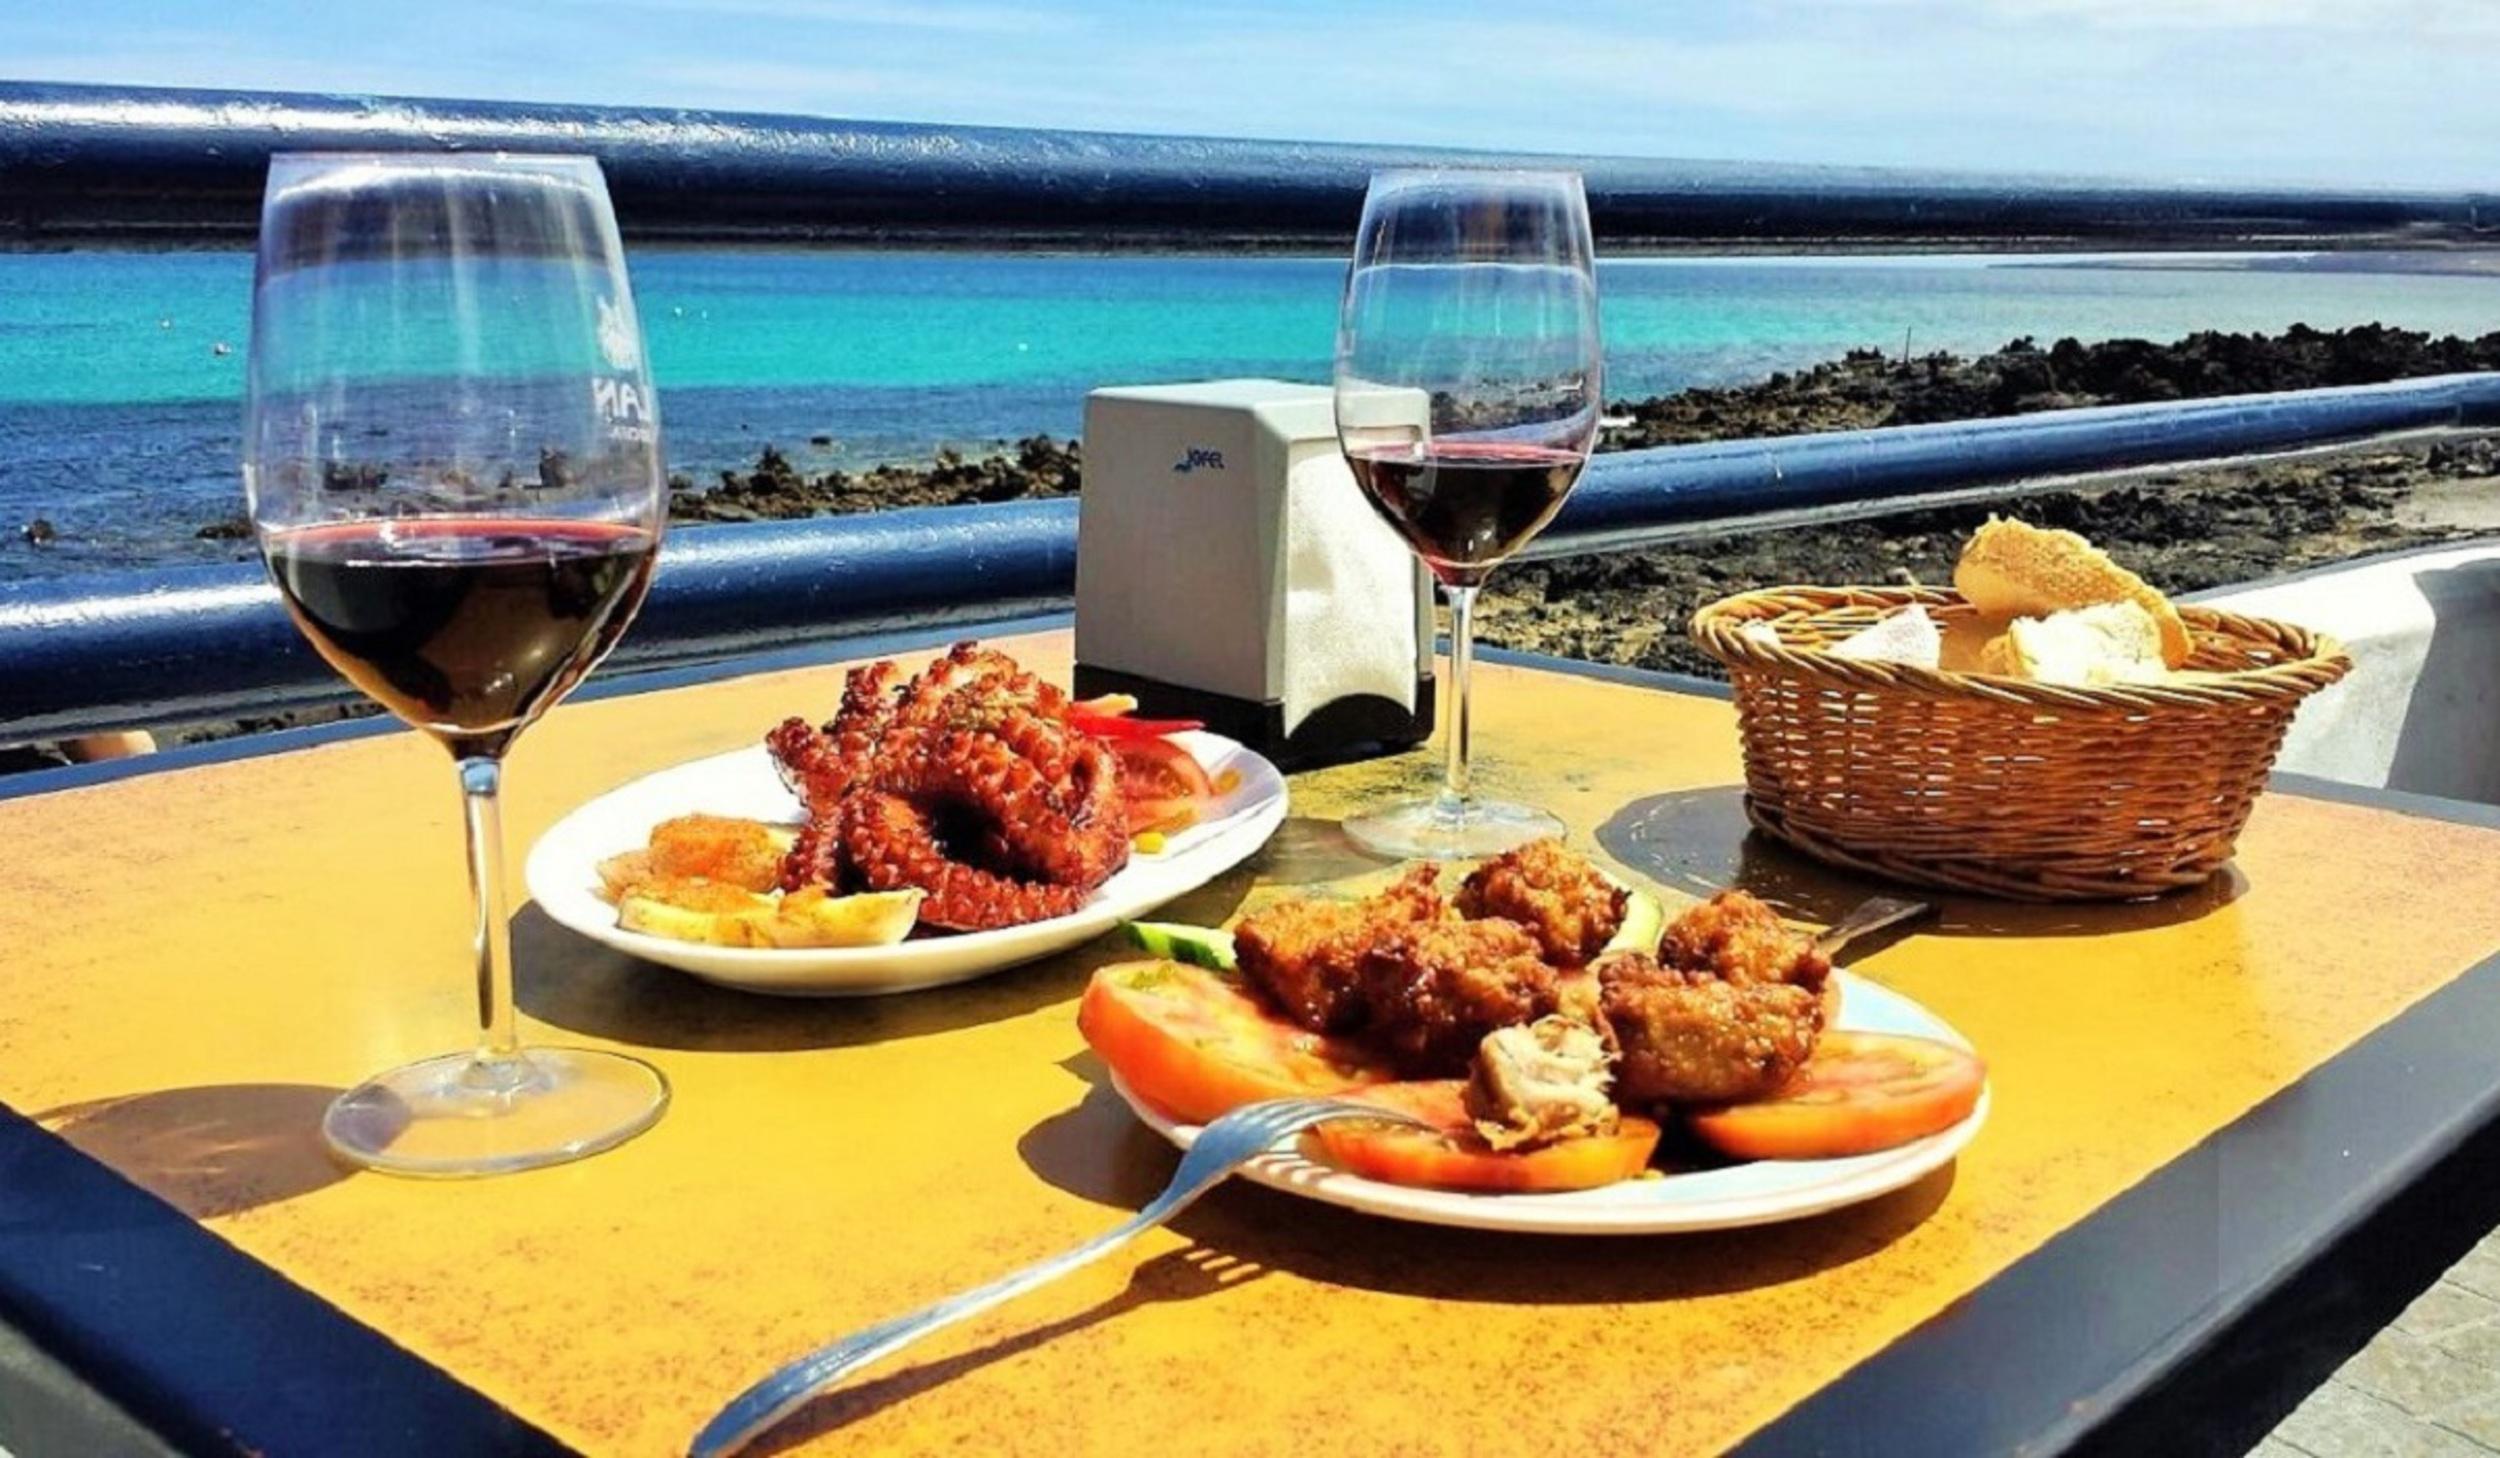 Pescadito frito y pulpo en Bar Piscina de Punta Mujeres